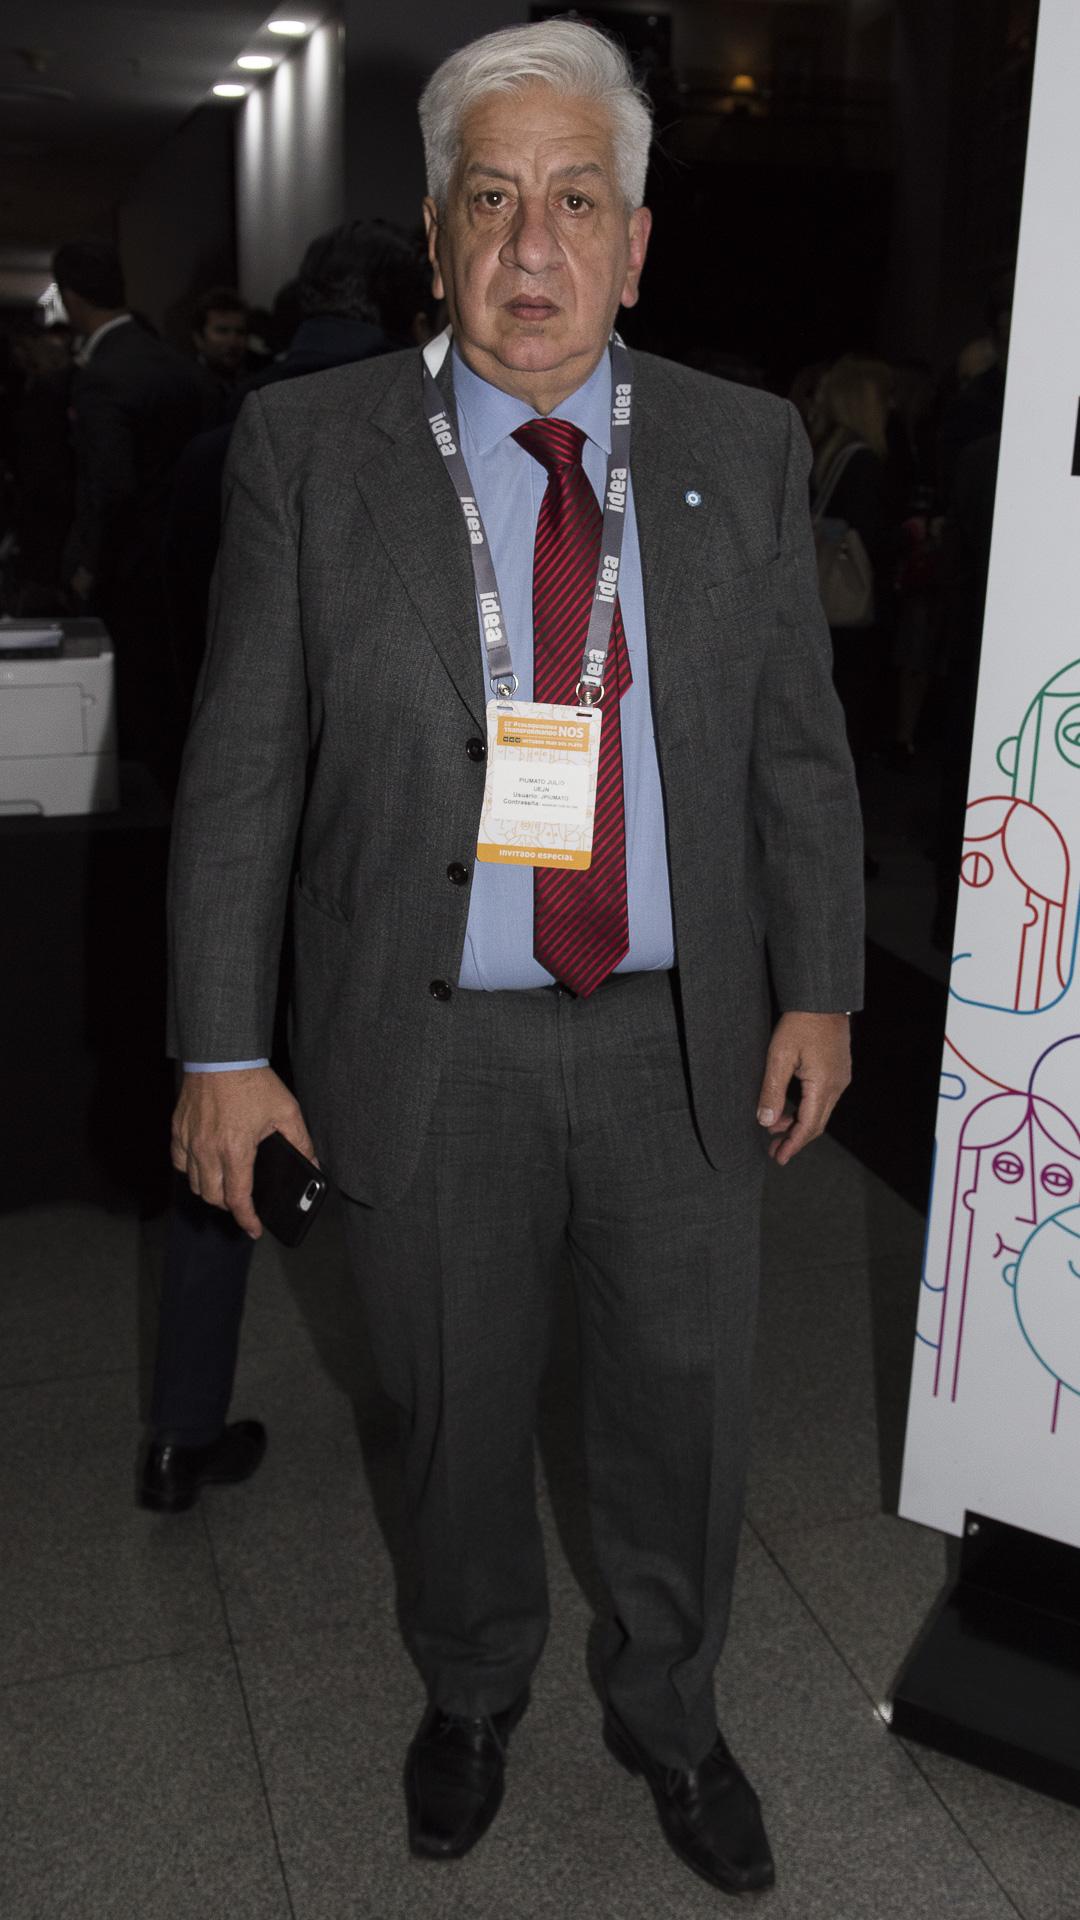 El sindicalista Julio Piumato de , Judiciales